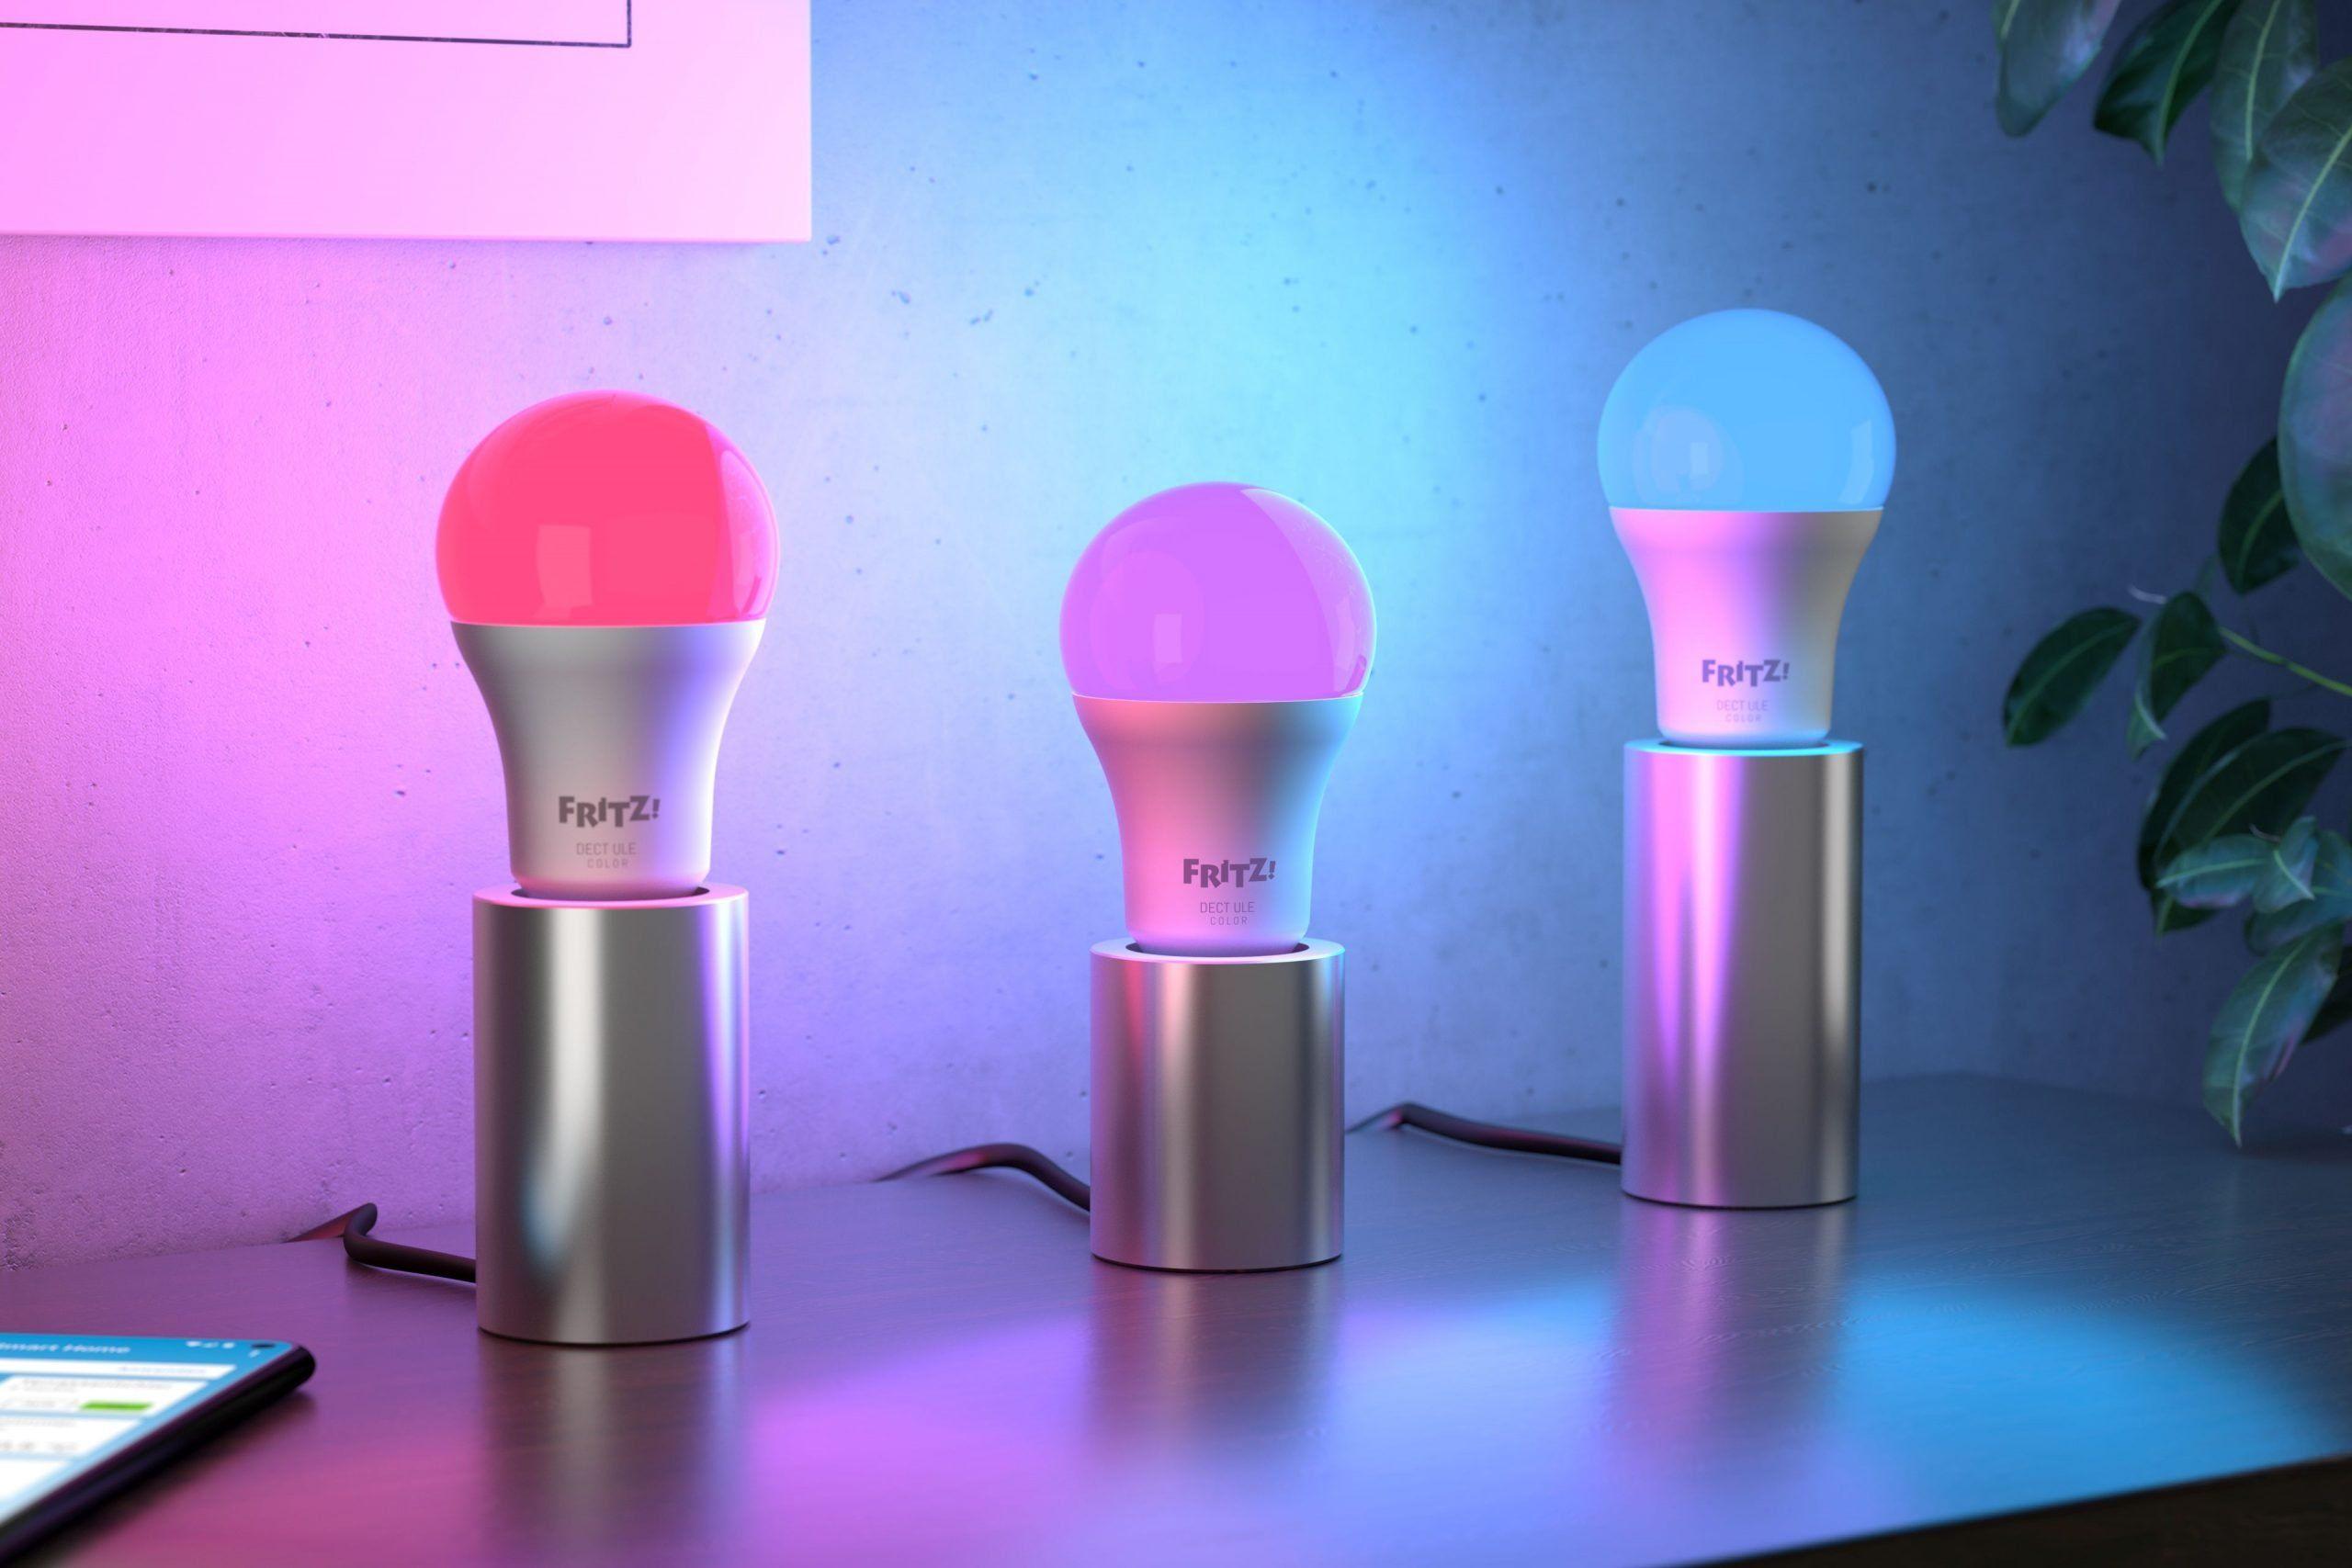 Smart Home od FRITZ! – inteligentna żarówka LED oraz wielofunkcyjny przycisk z wyświetlaczem e-papier